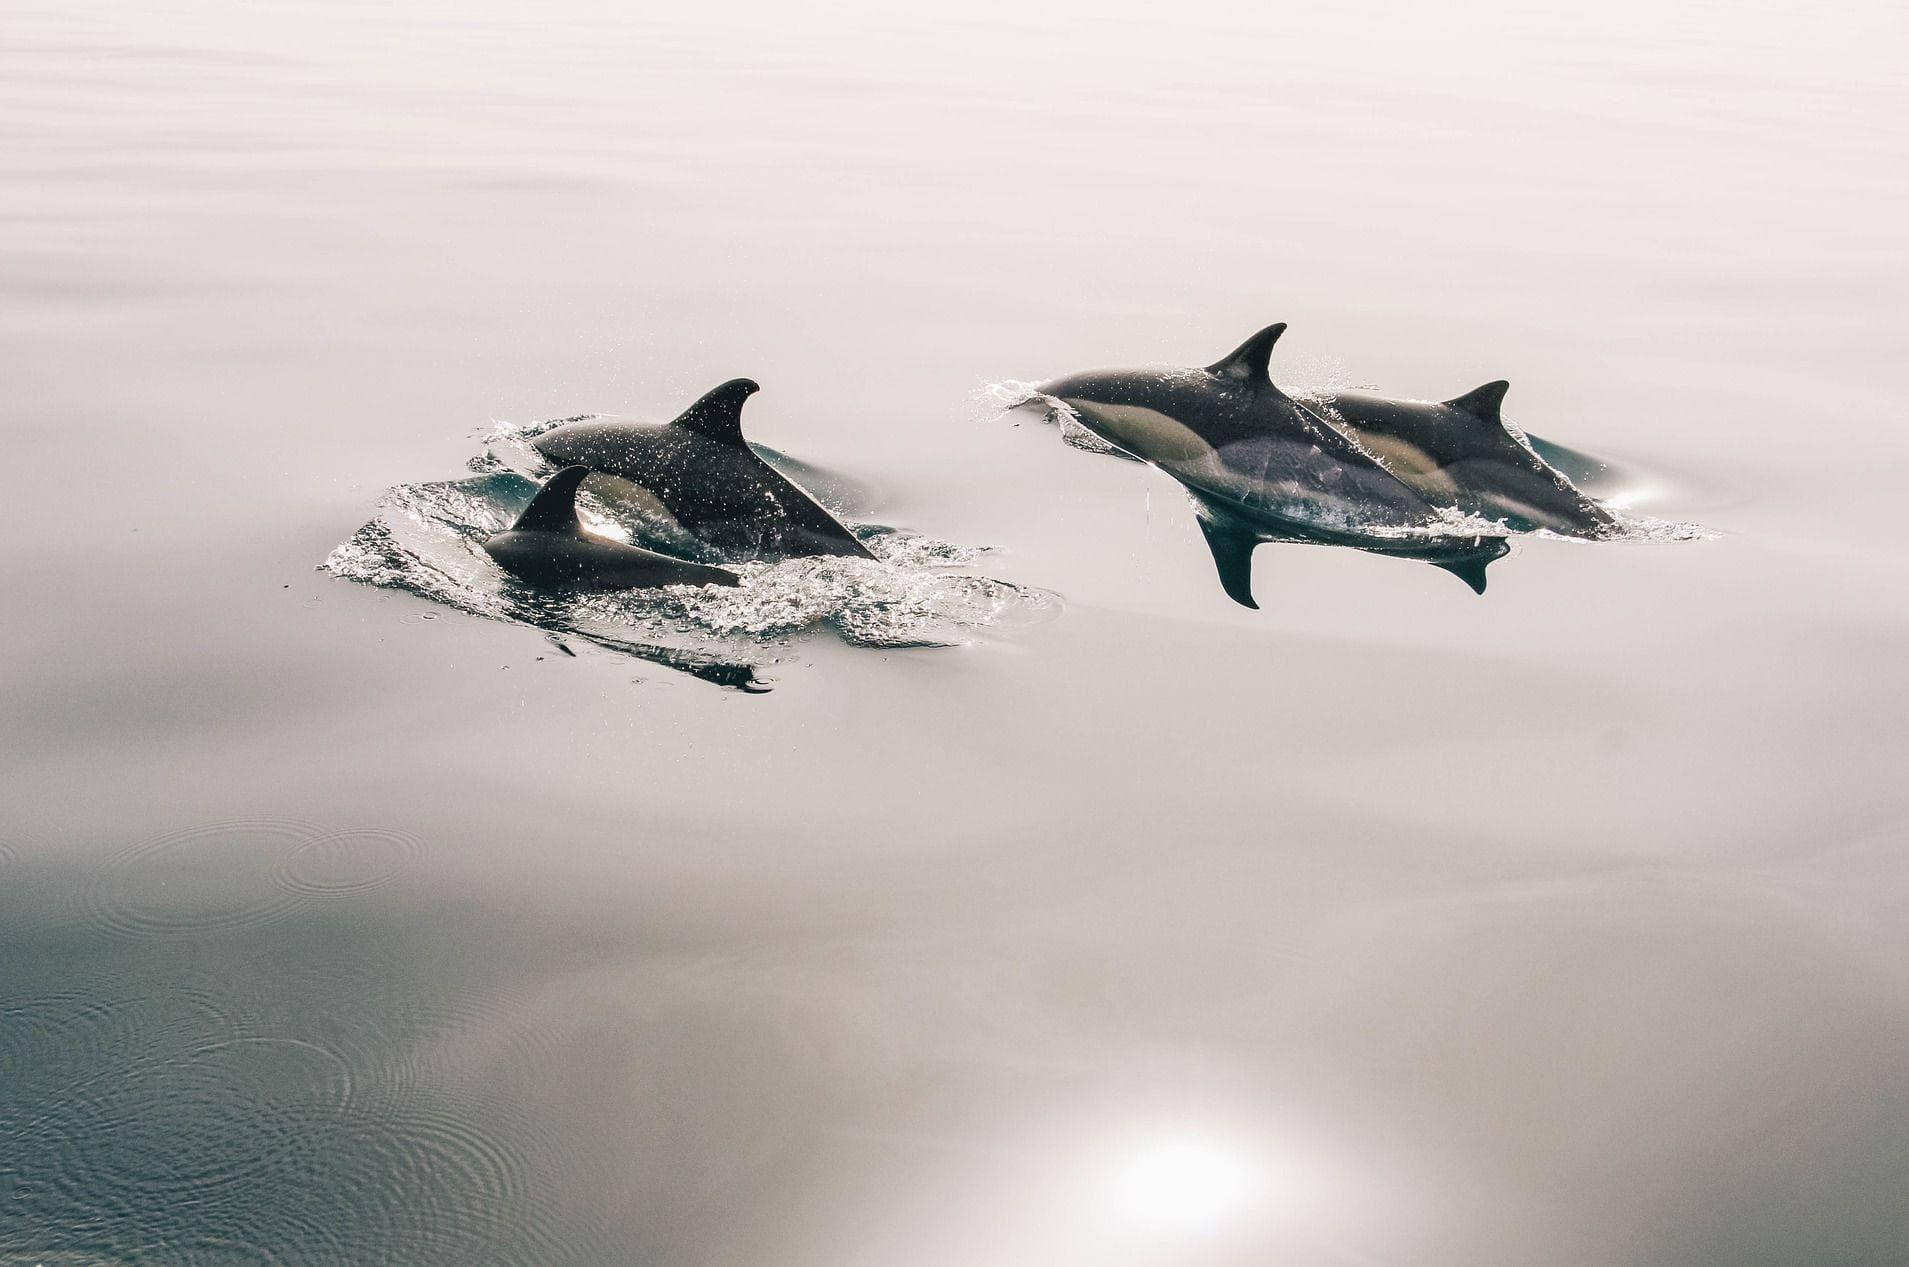 For nogle arter, f.eks. nogen delfiner, mener man at homoseksuel adfærd er en.